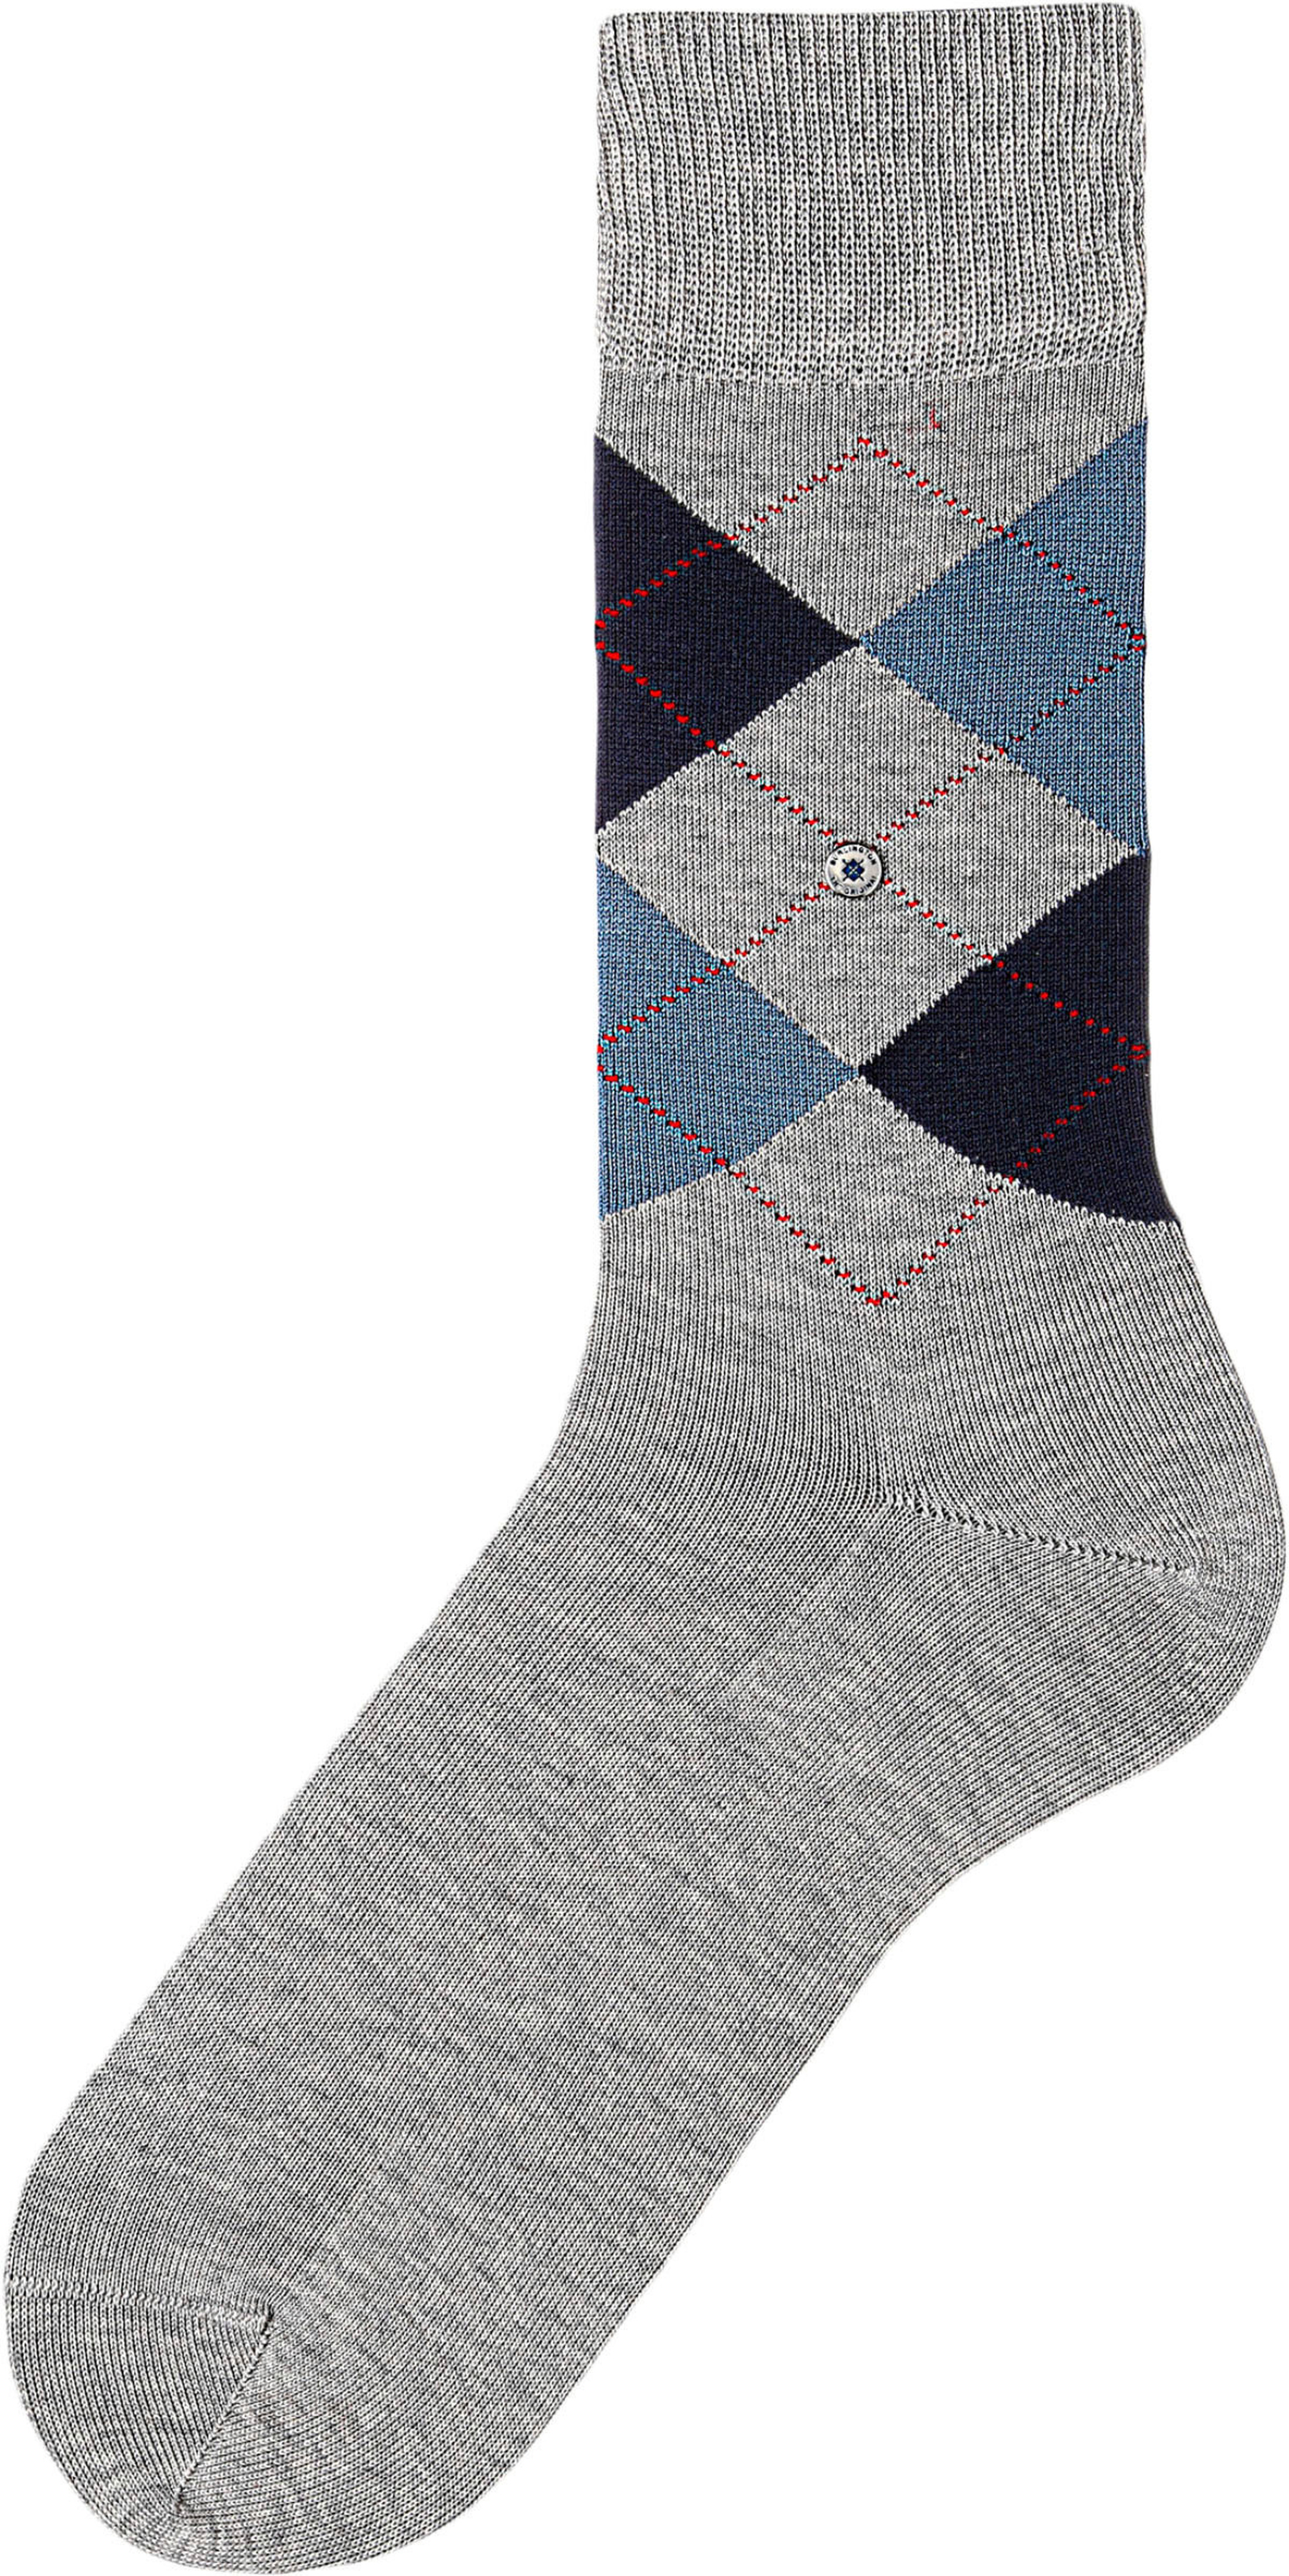 Burlington Socken Baumwolle 3619